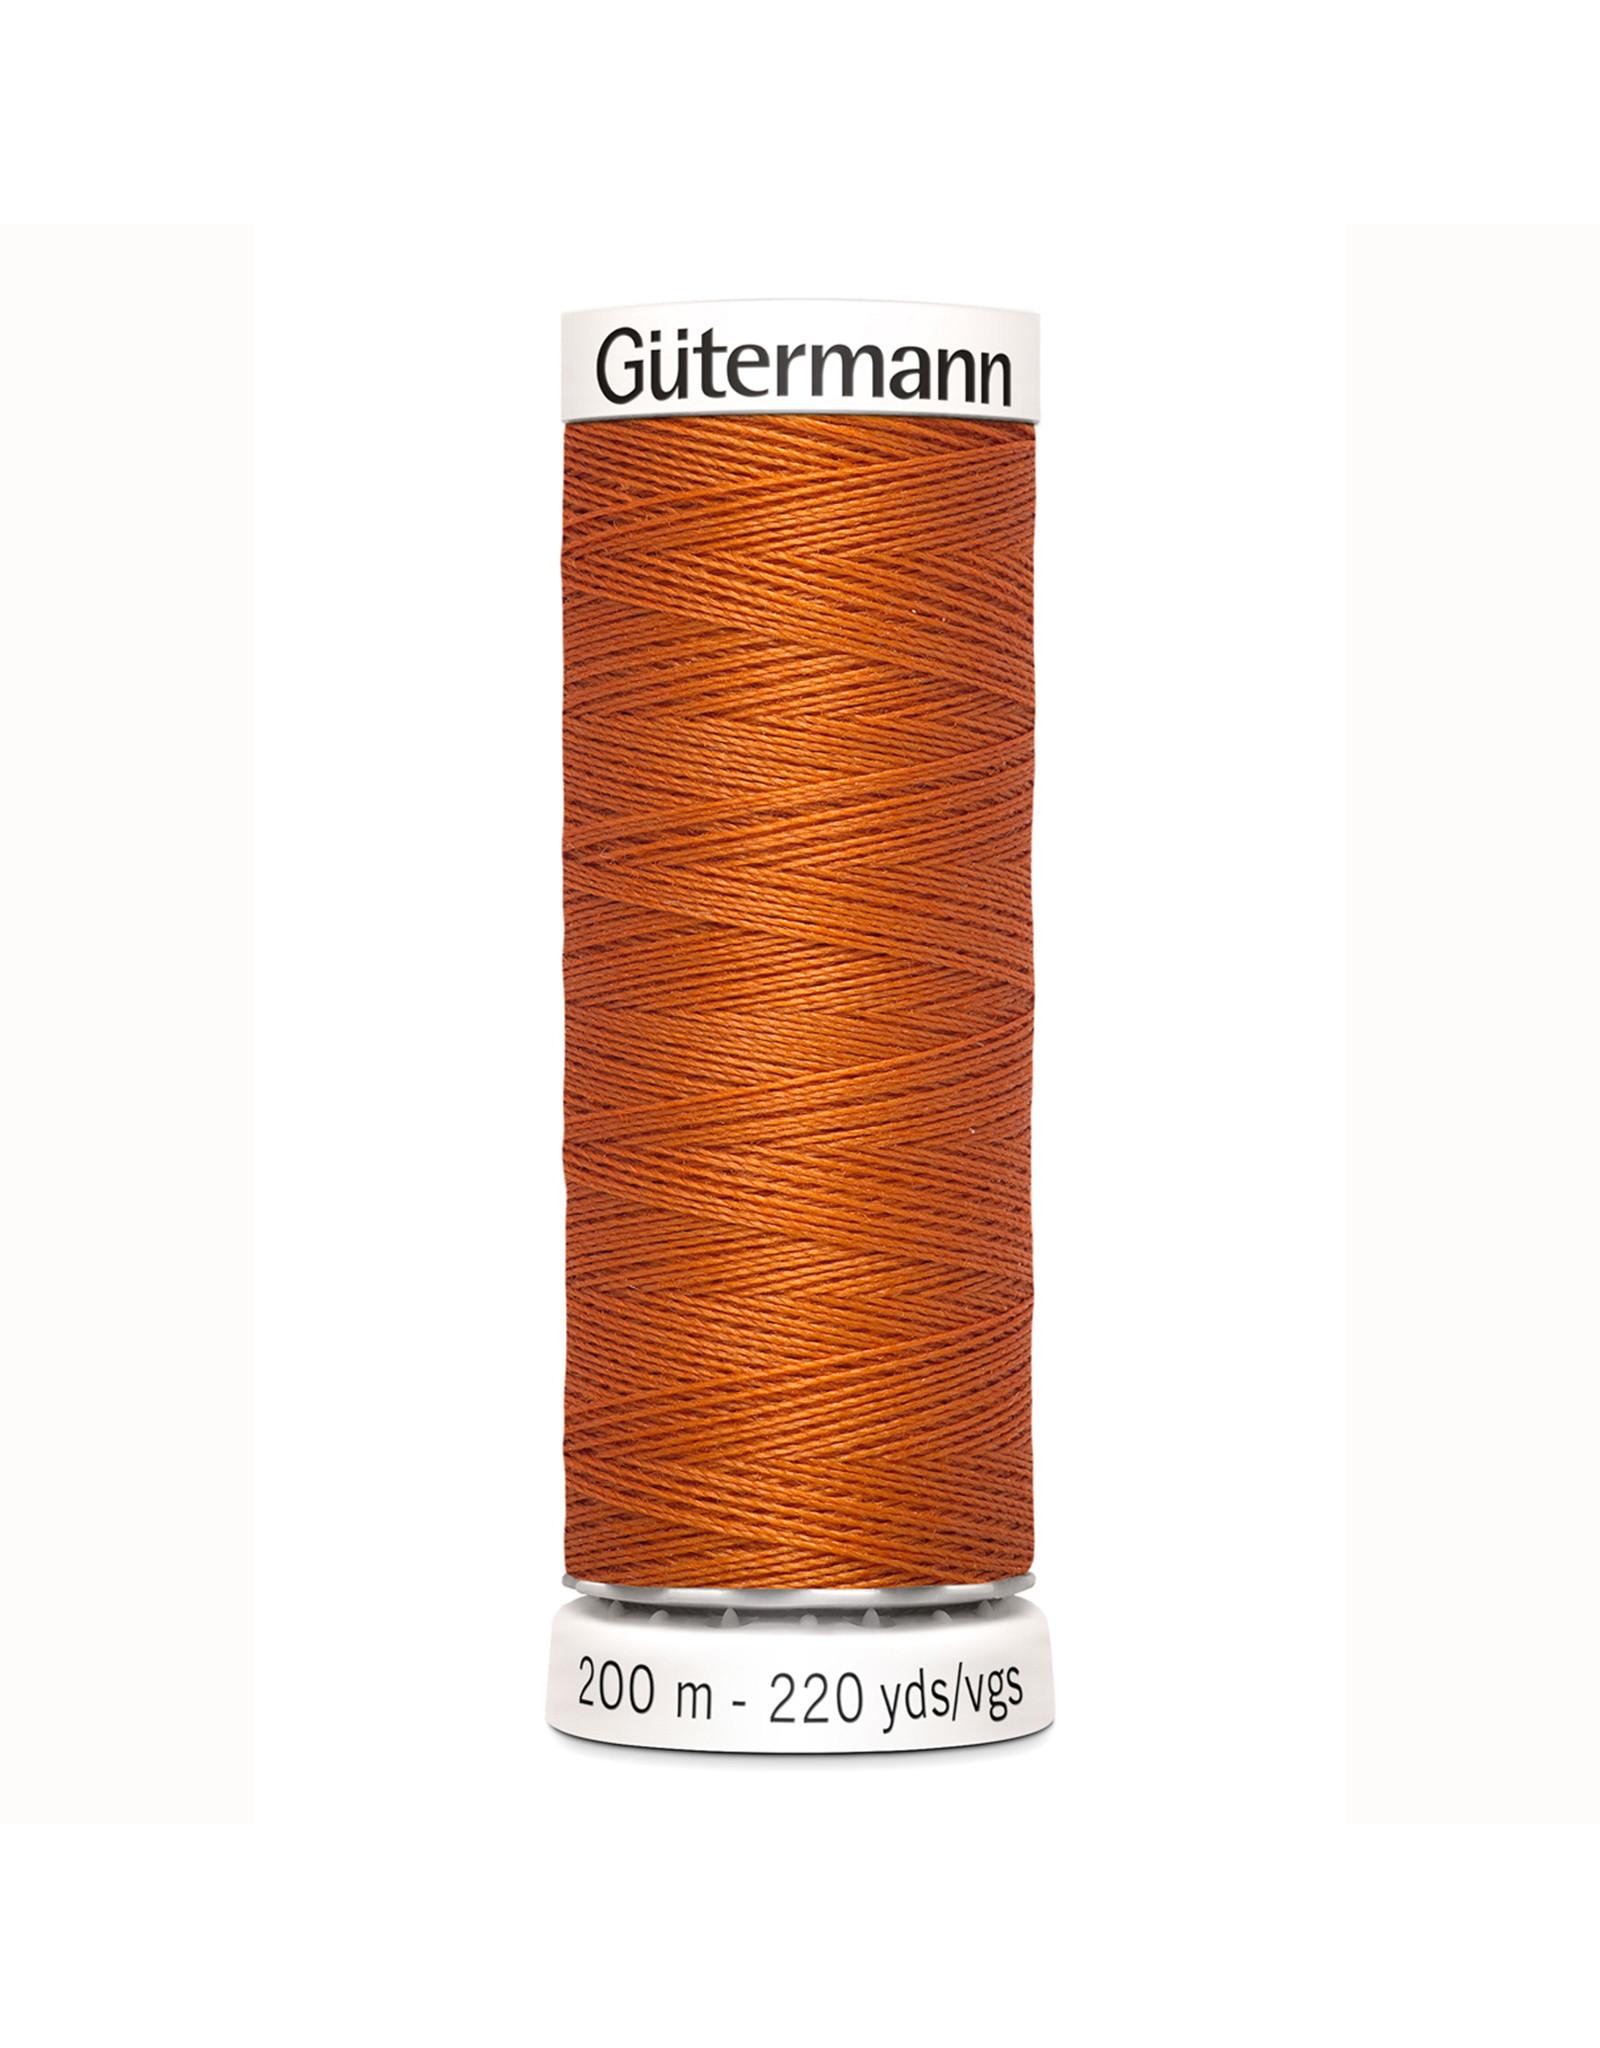 Gütermann Gütermann Nähgarn 200 m - nr 982